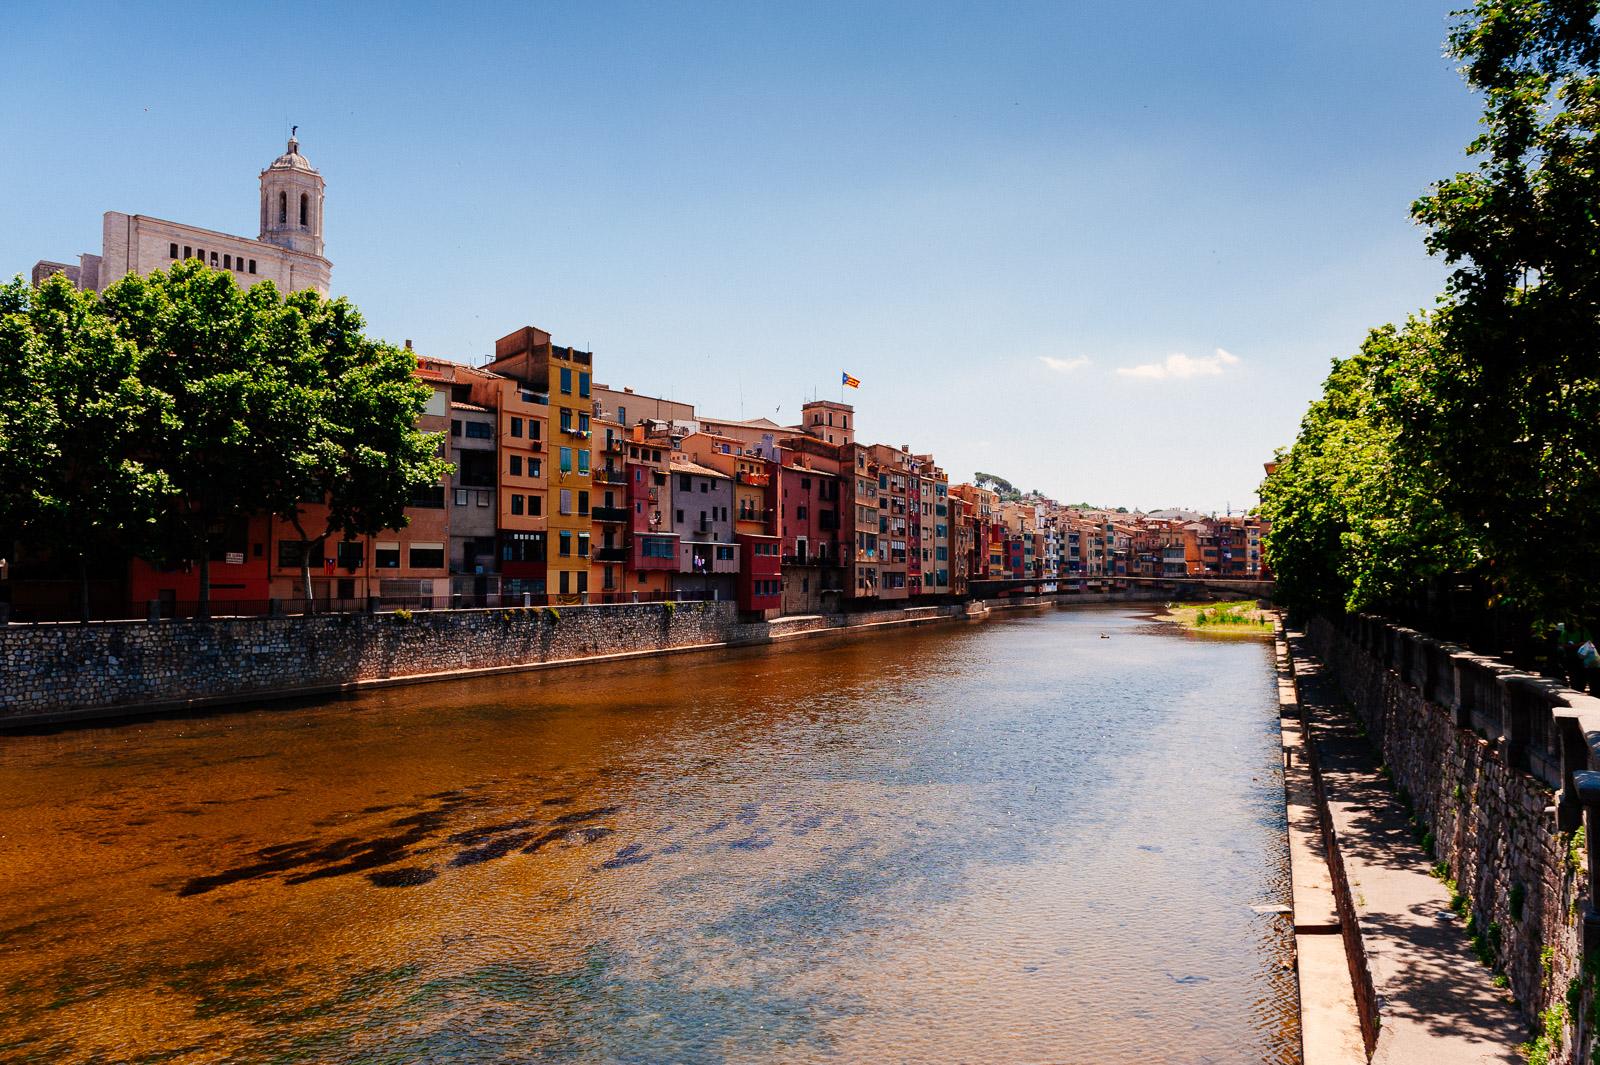 Girona-1.jpg